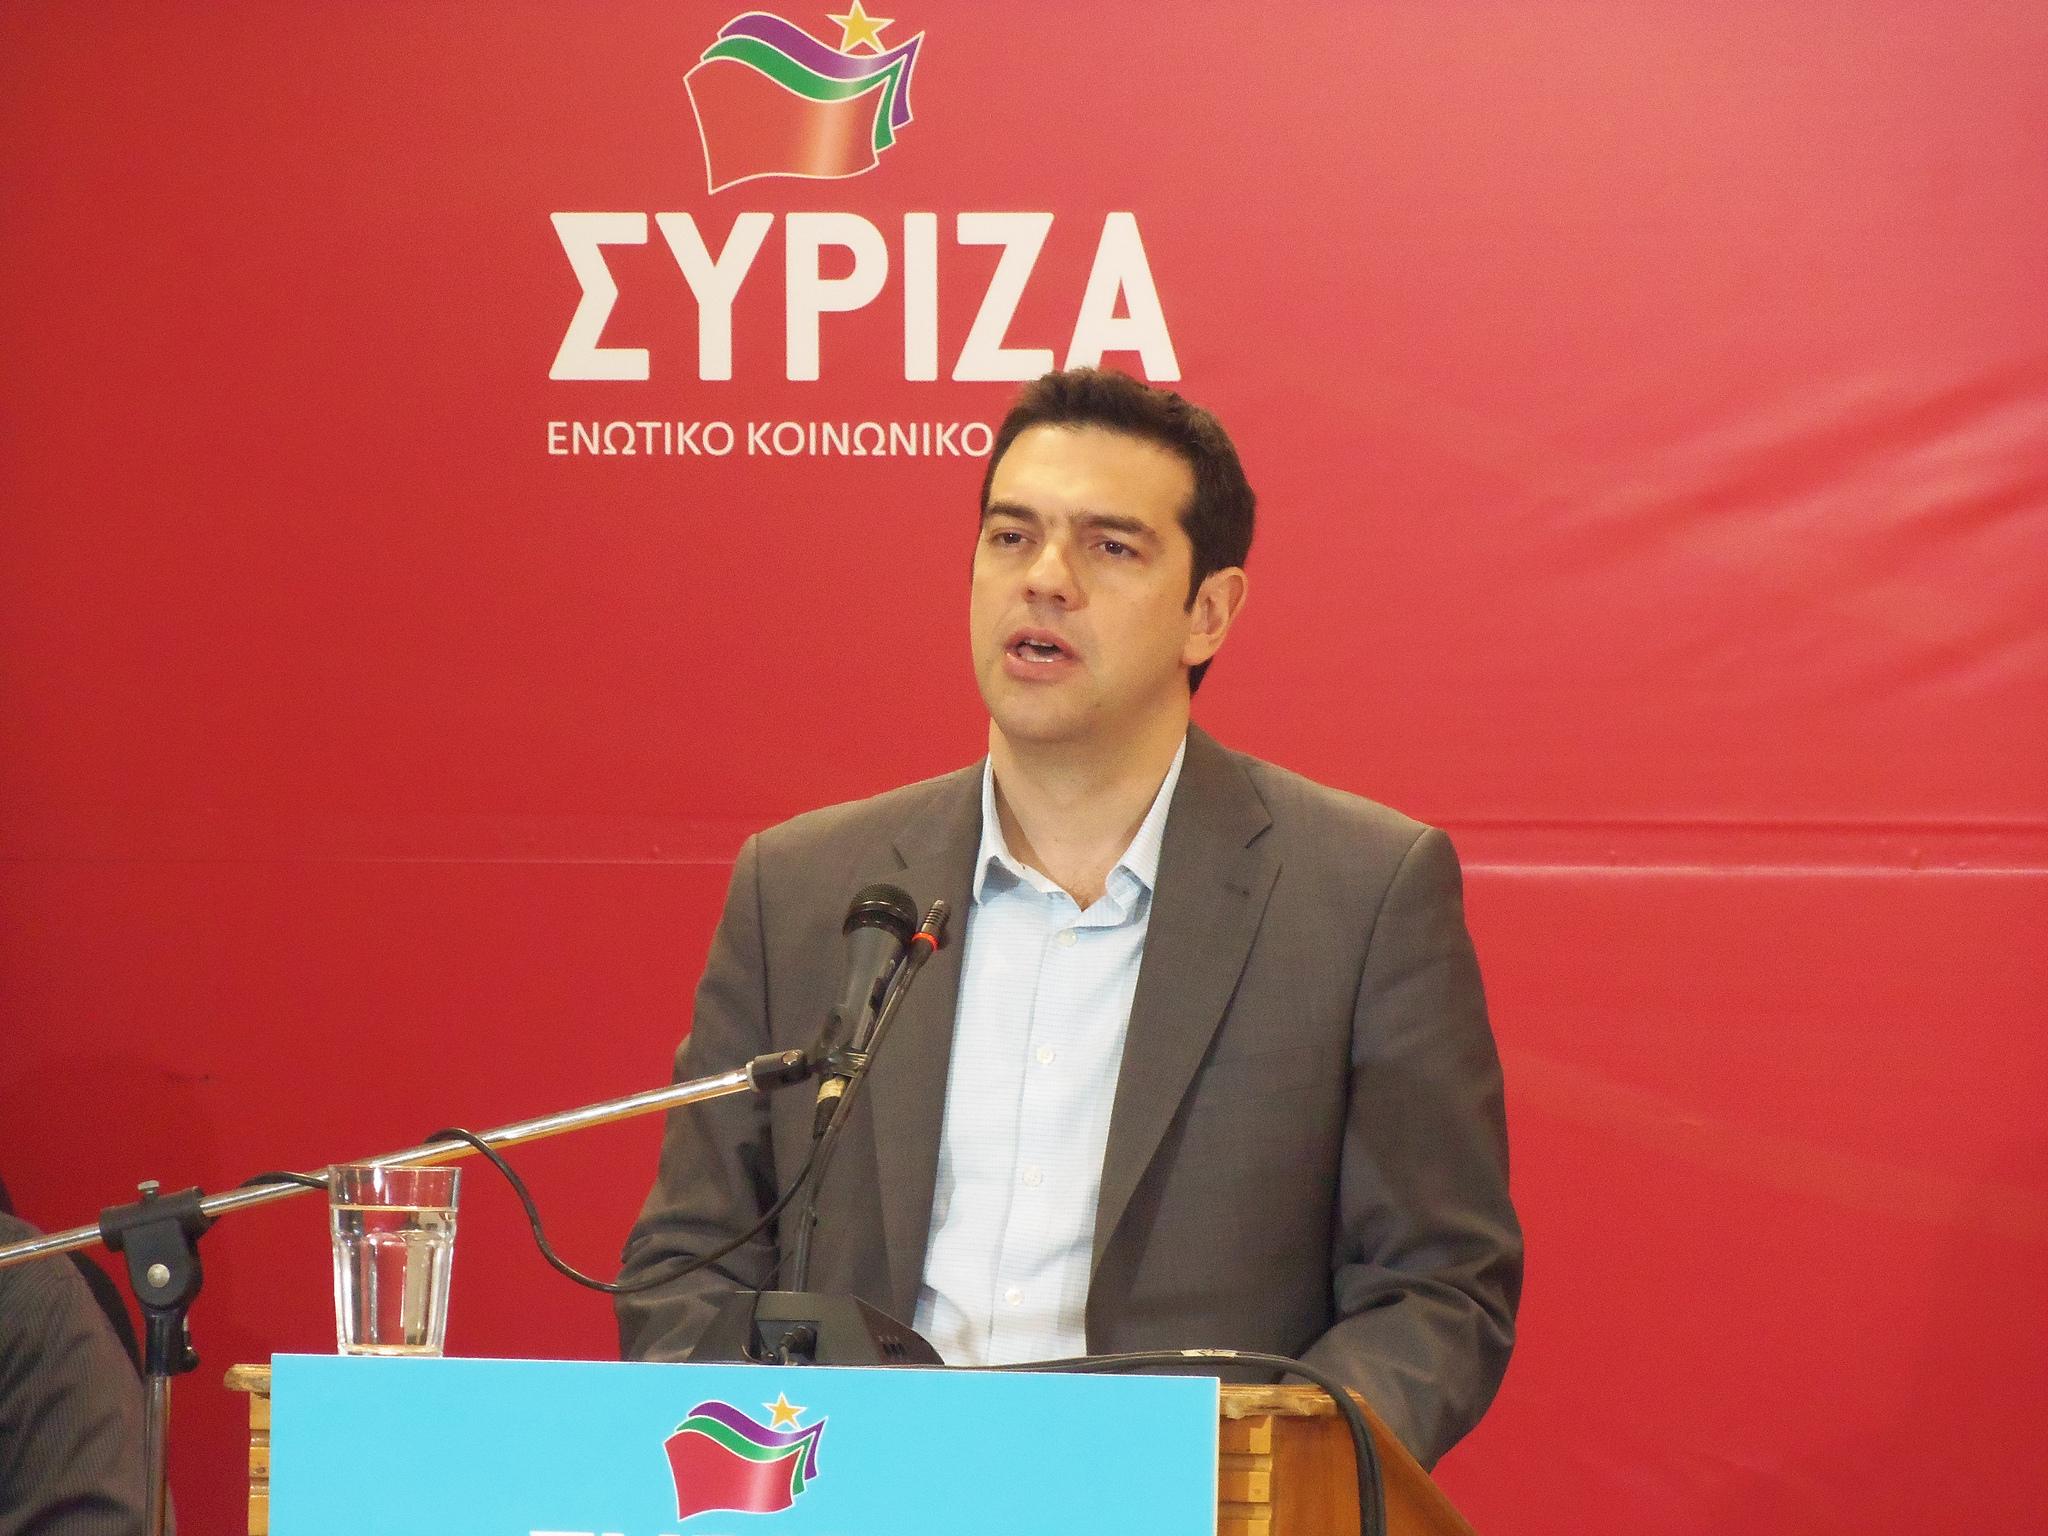 Das geplante Sozialpaket der Regierung in Athen unter Alexis Tsipras leigt vorerst auf Eis.